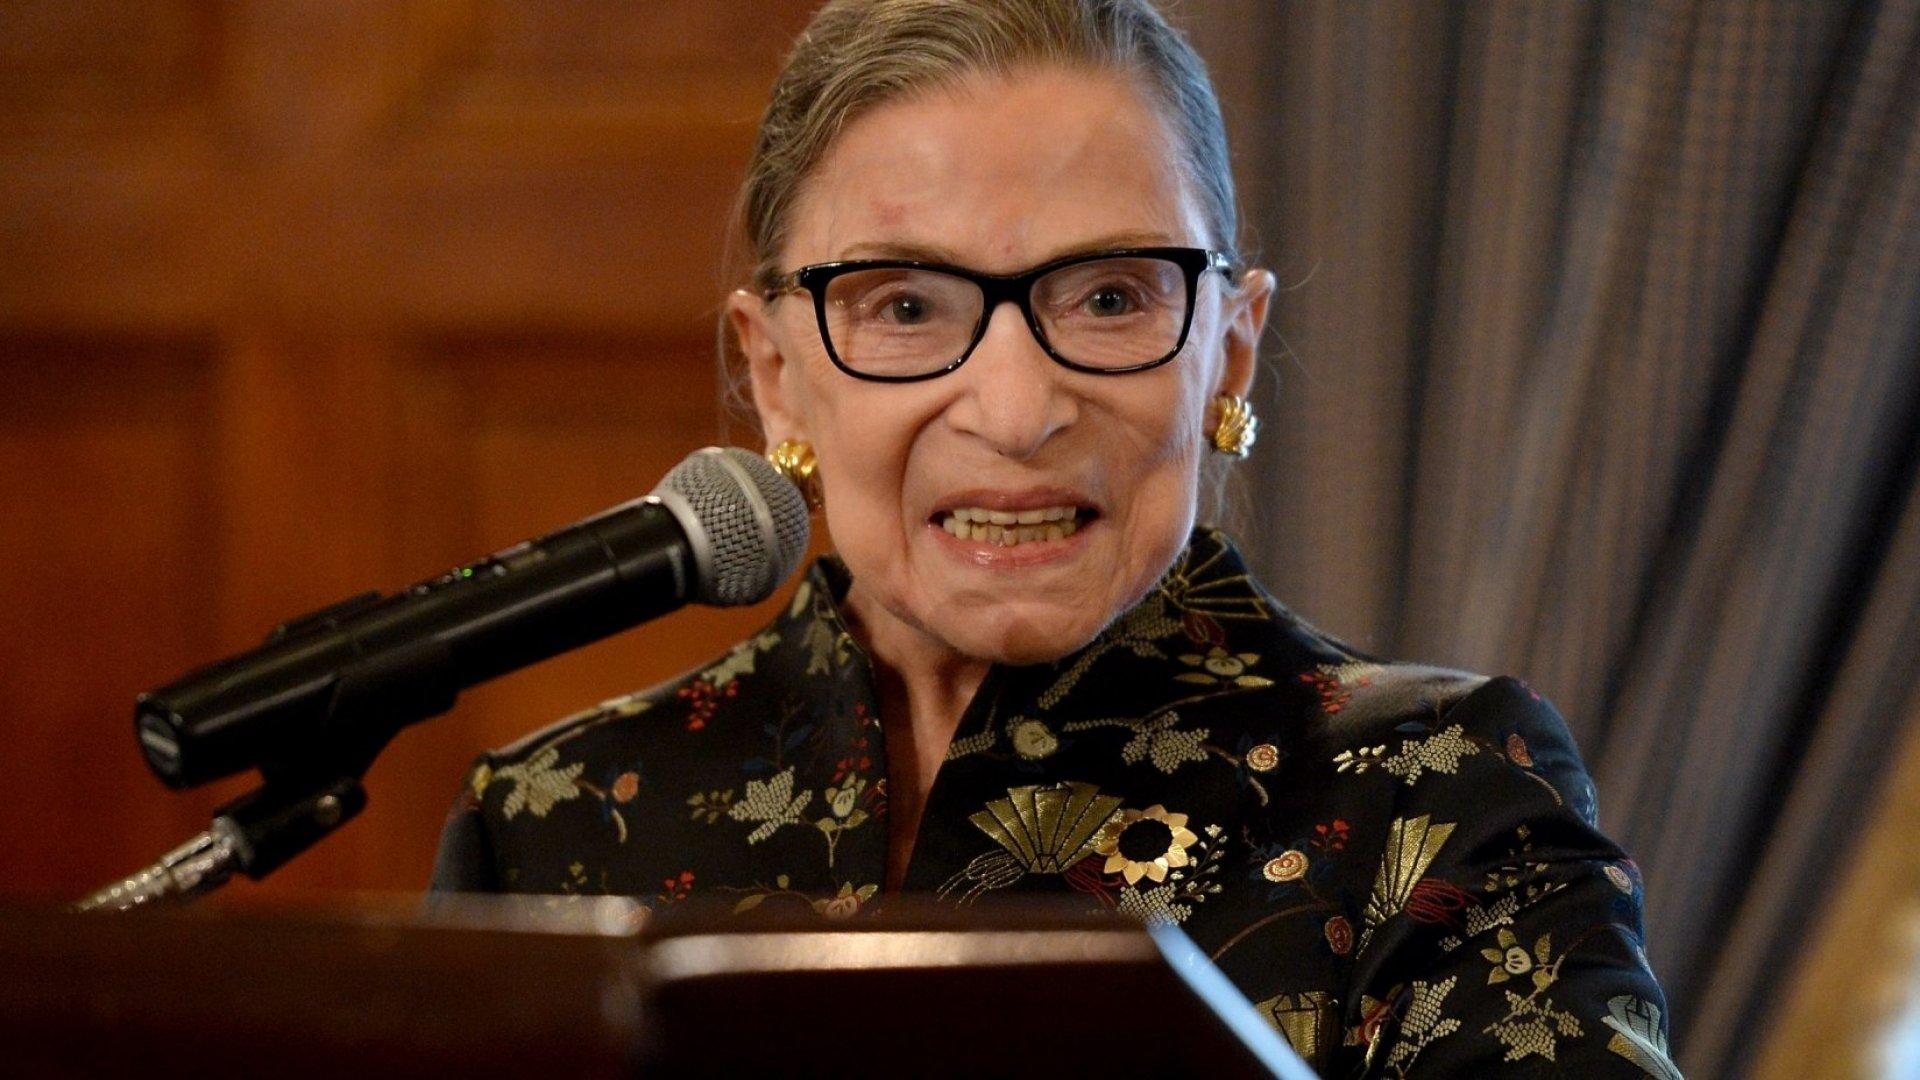 Ruth Bader Ginsburg.